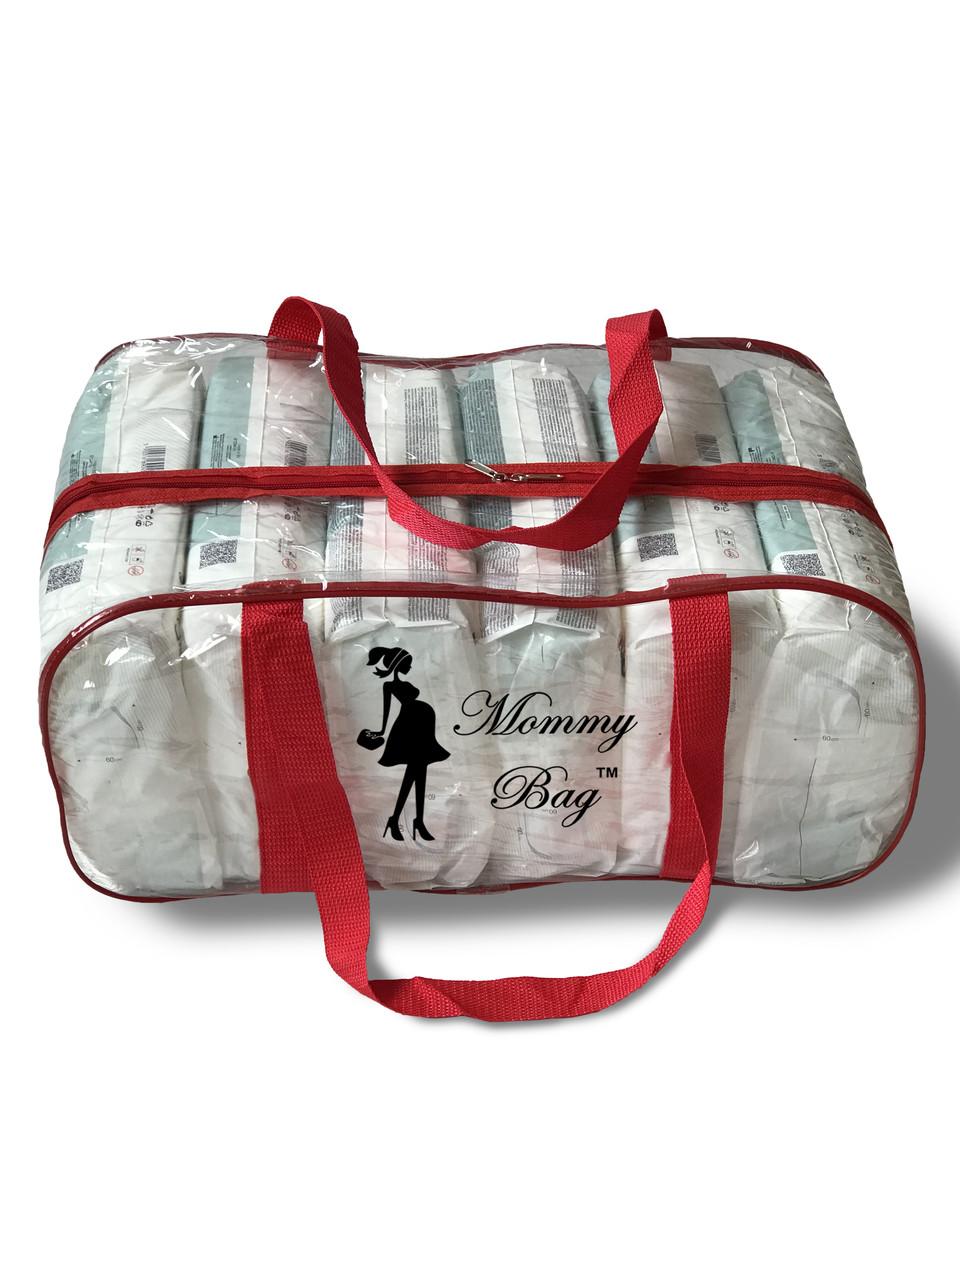 Сумка прозрачная в роддом Mommy Bag - L - 50*23*32 см Красная